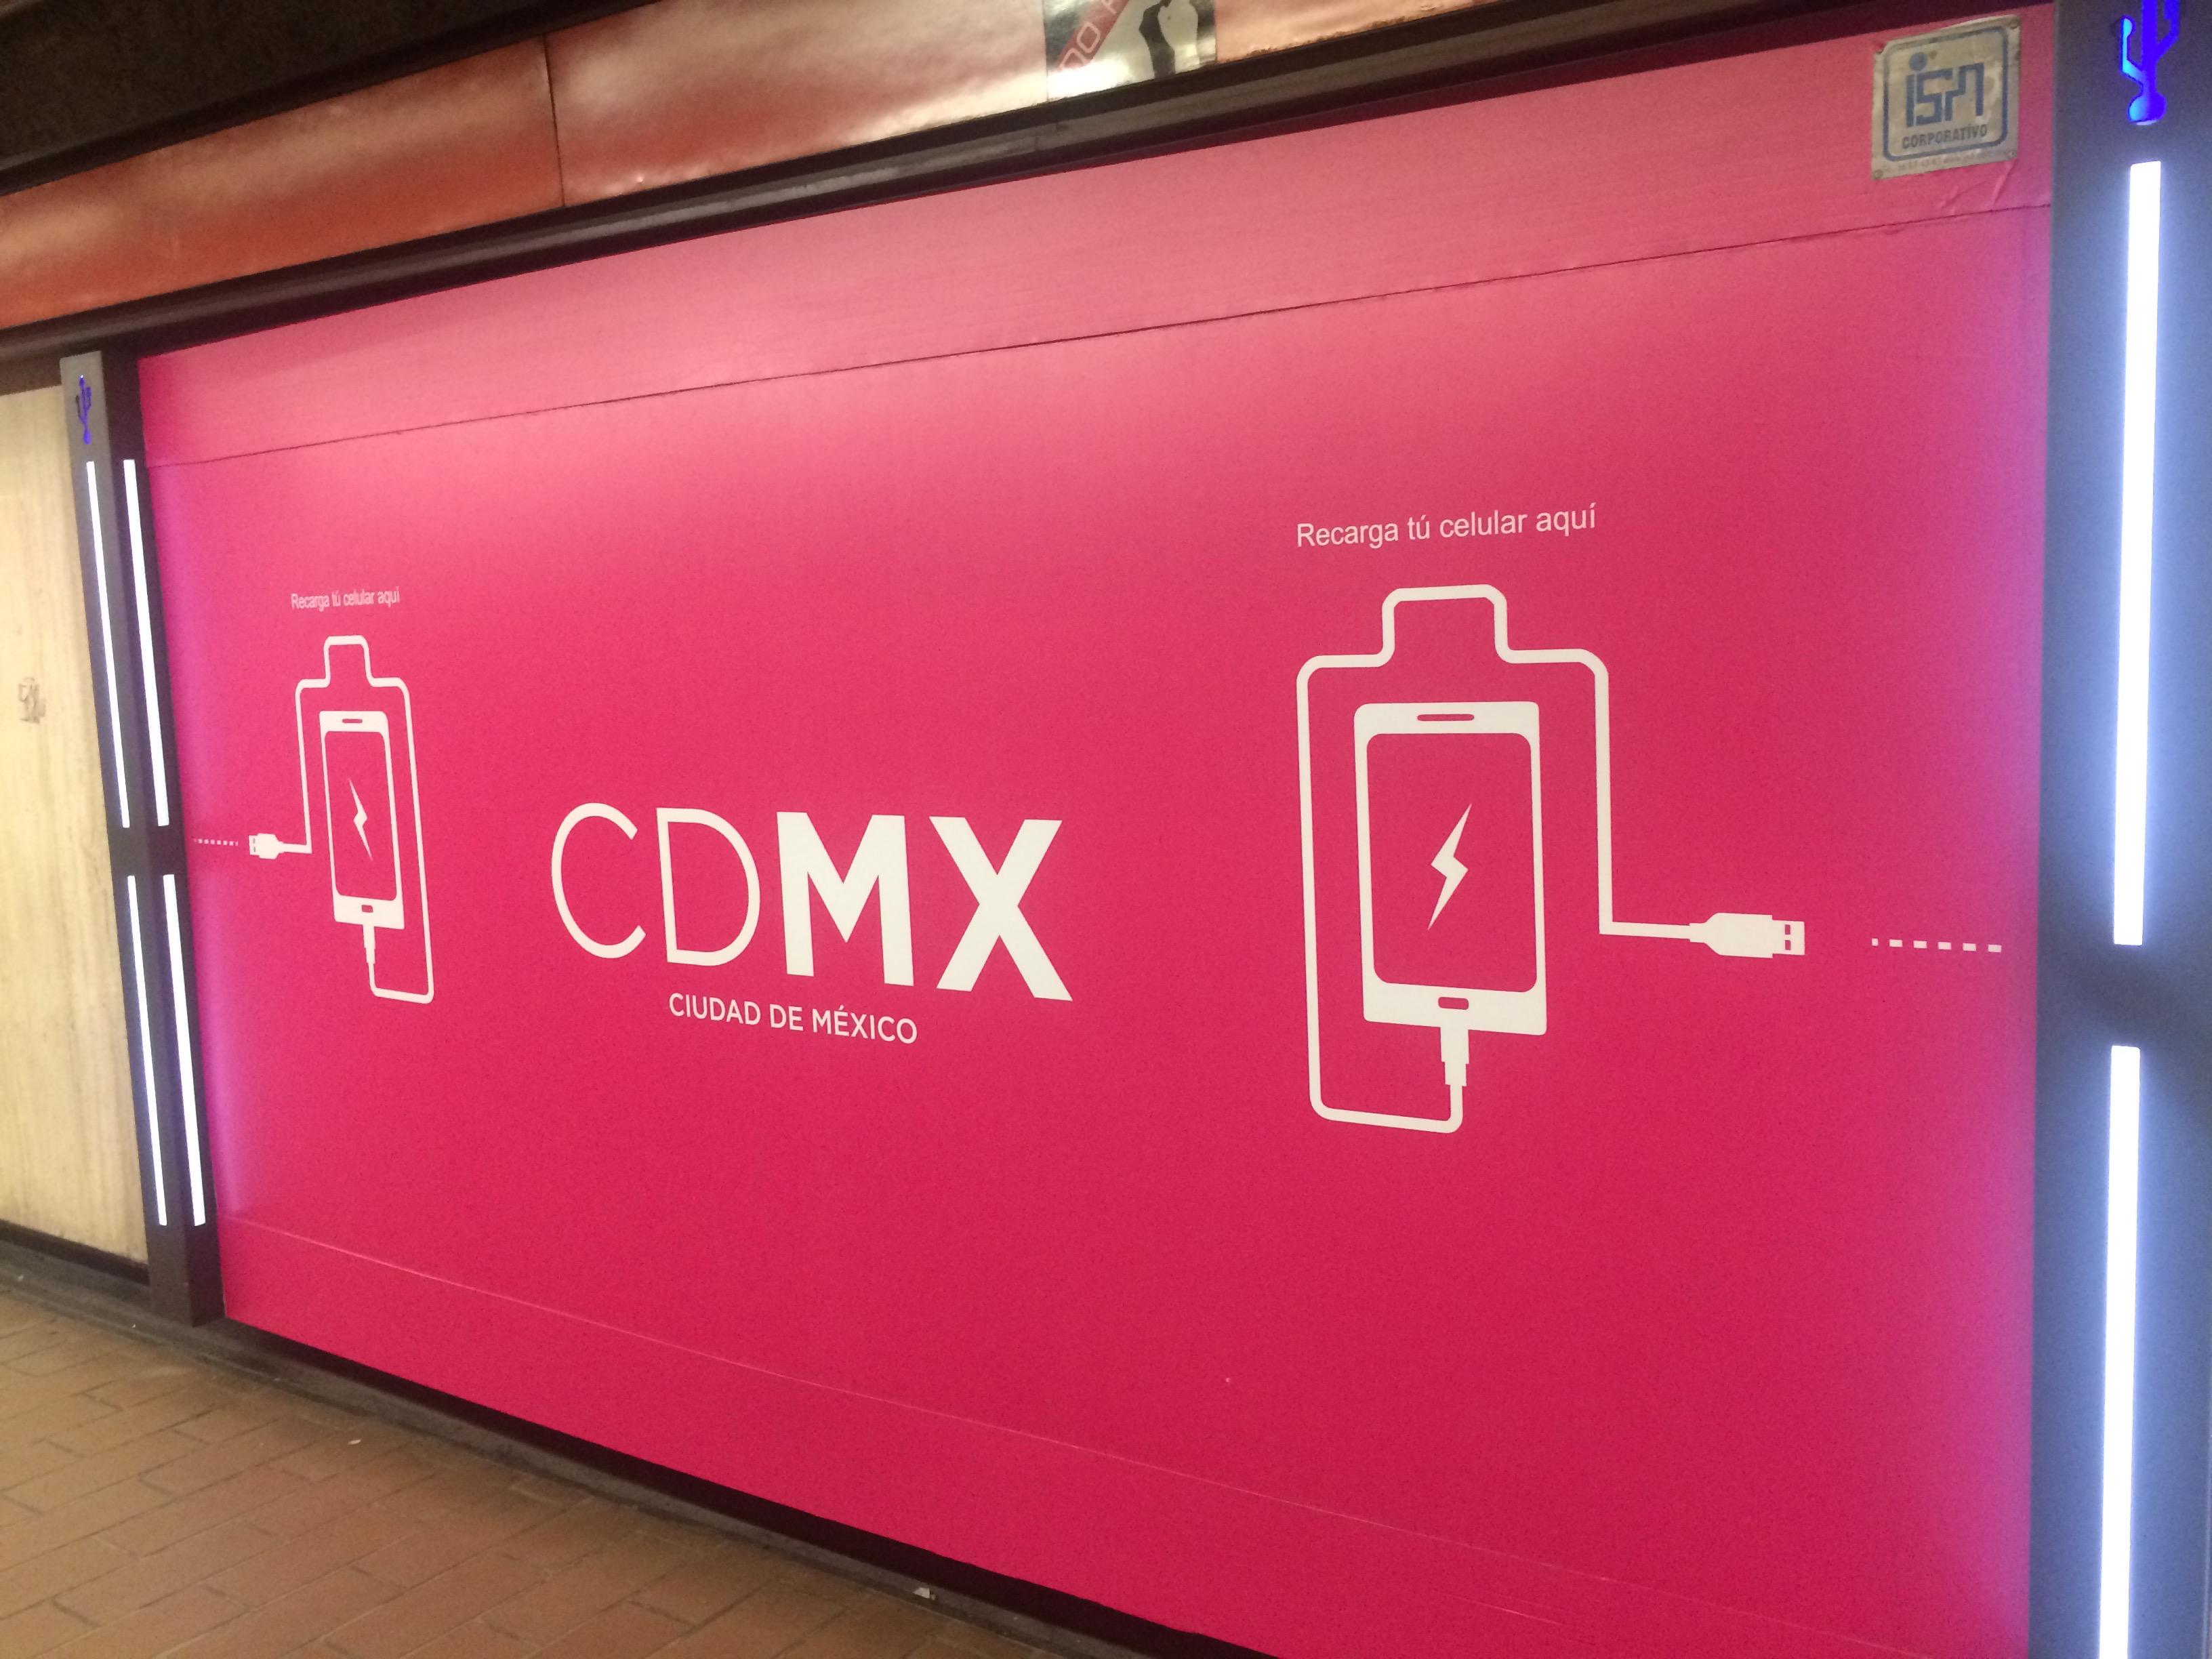 STC cdmx